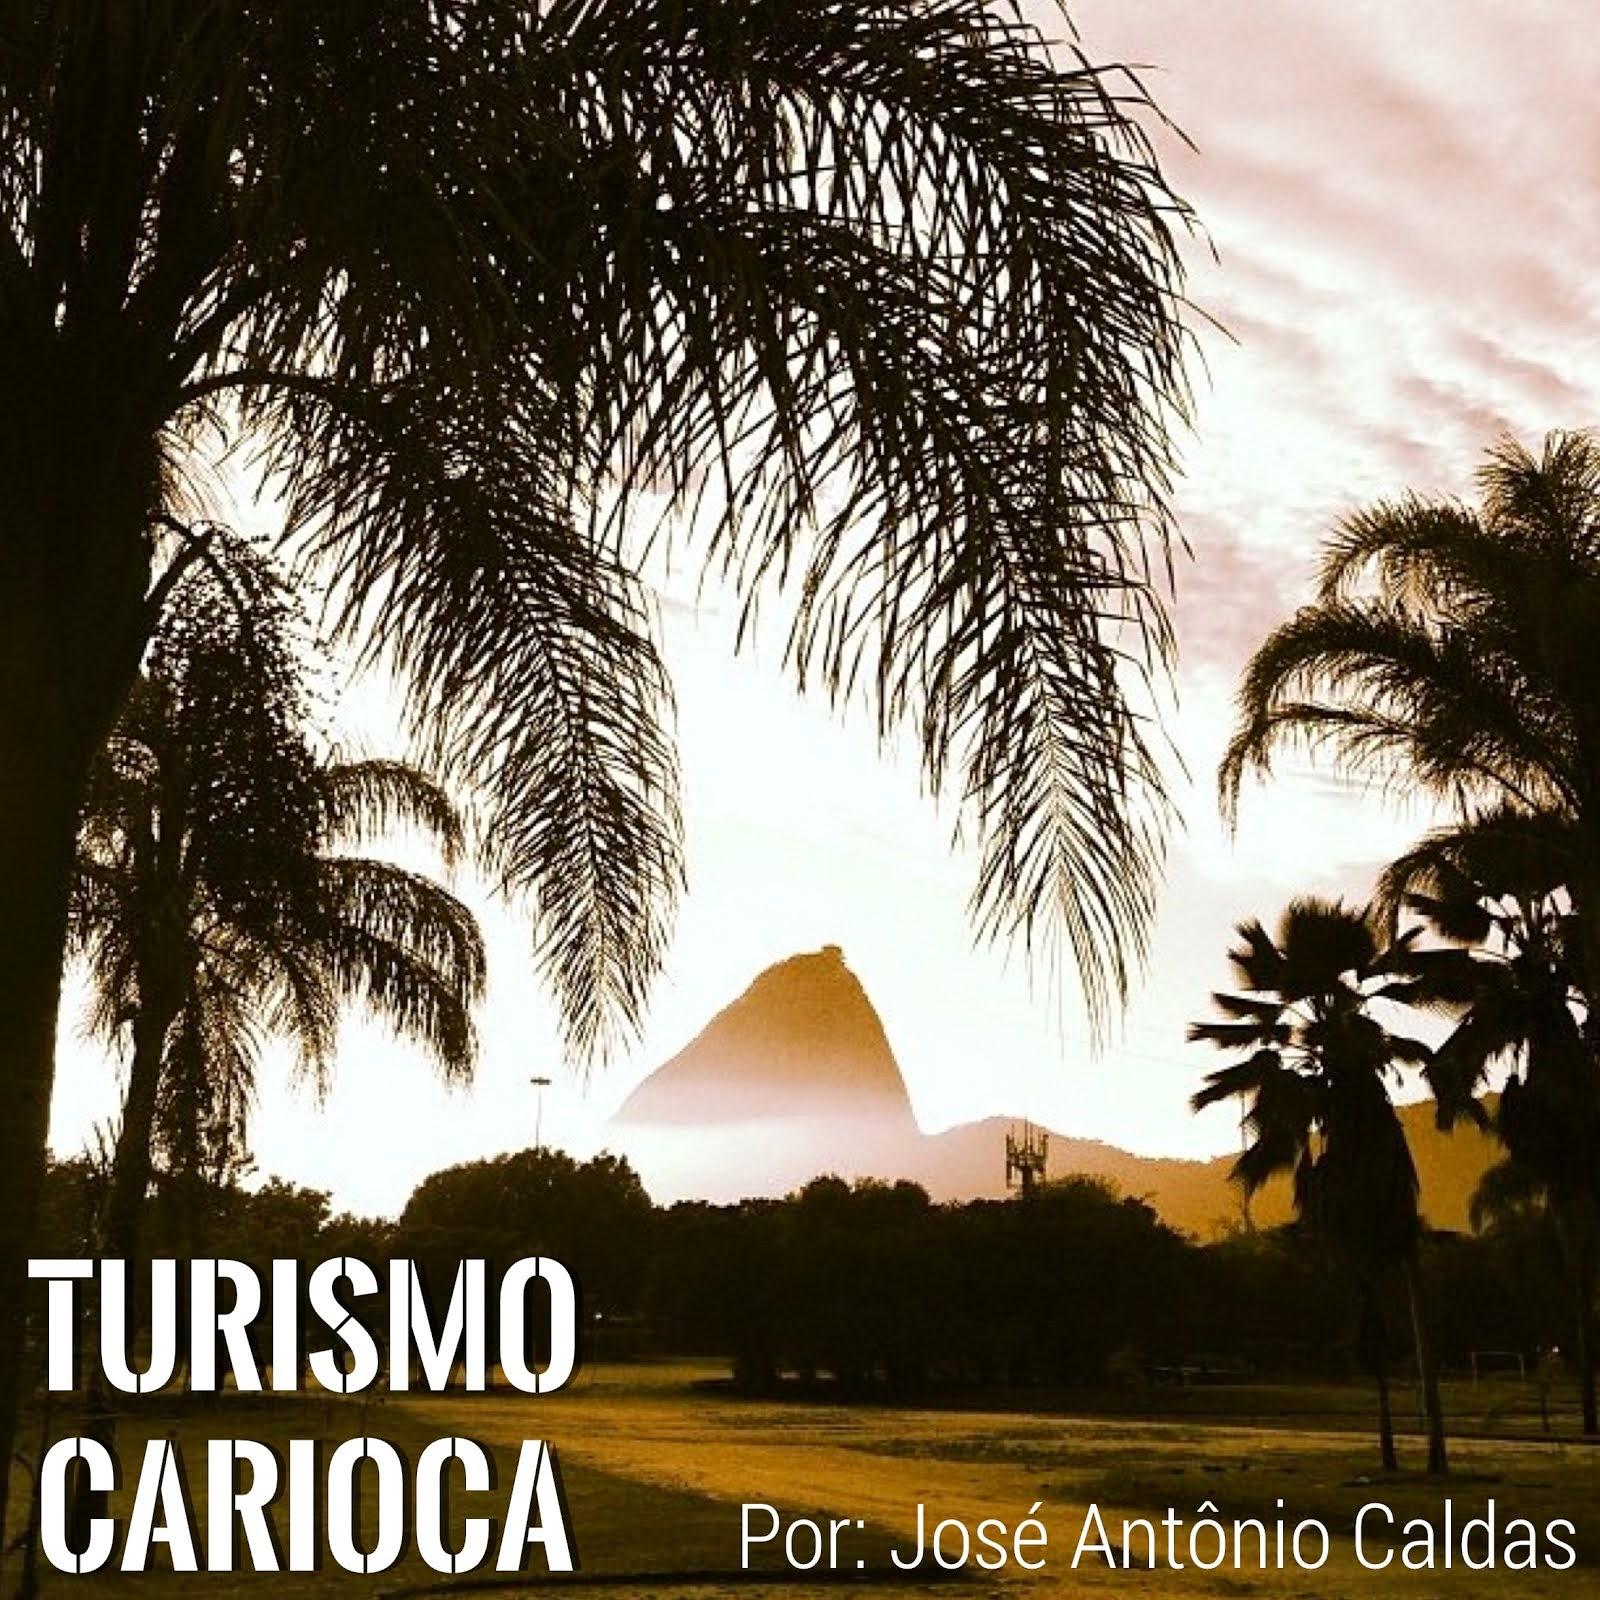 Acompanhe as dicas de turismo na cidade maravilhosa com nosso guia José Antônio Caldas.